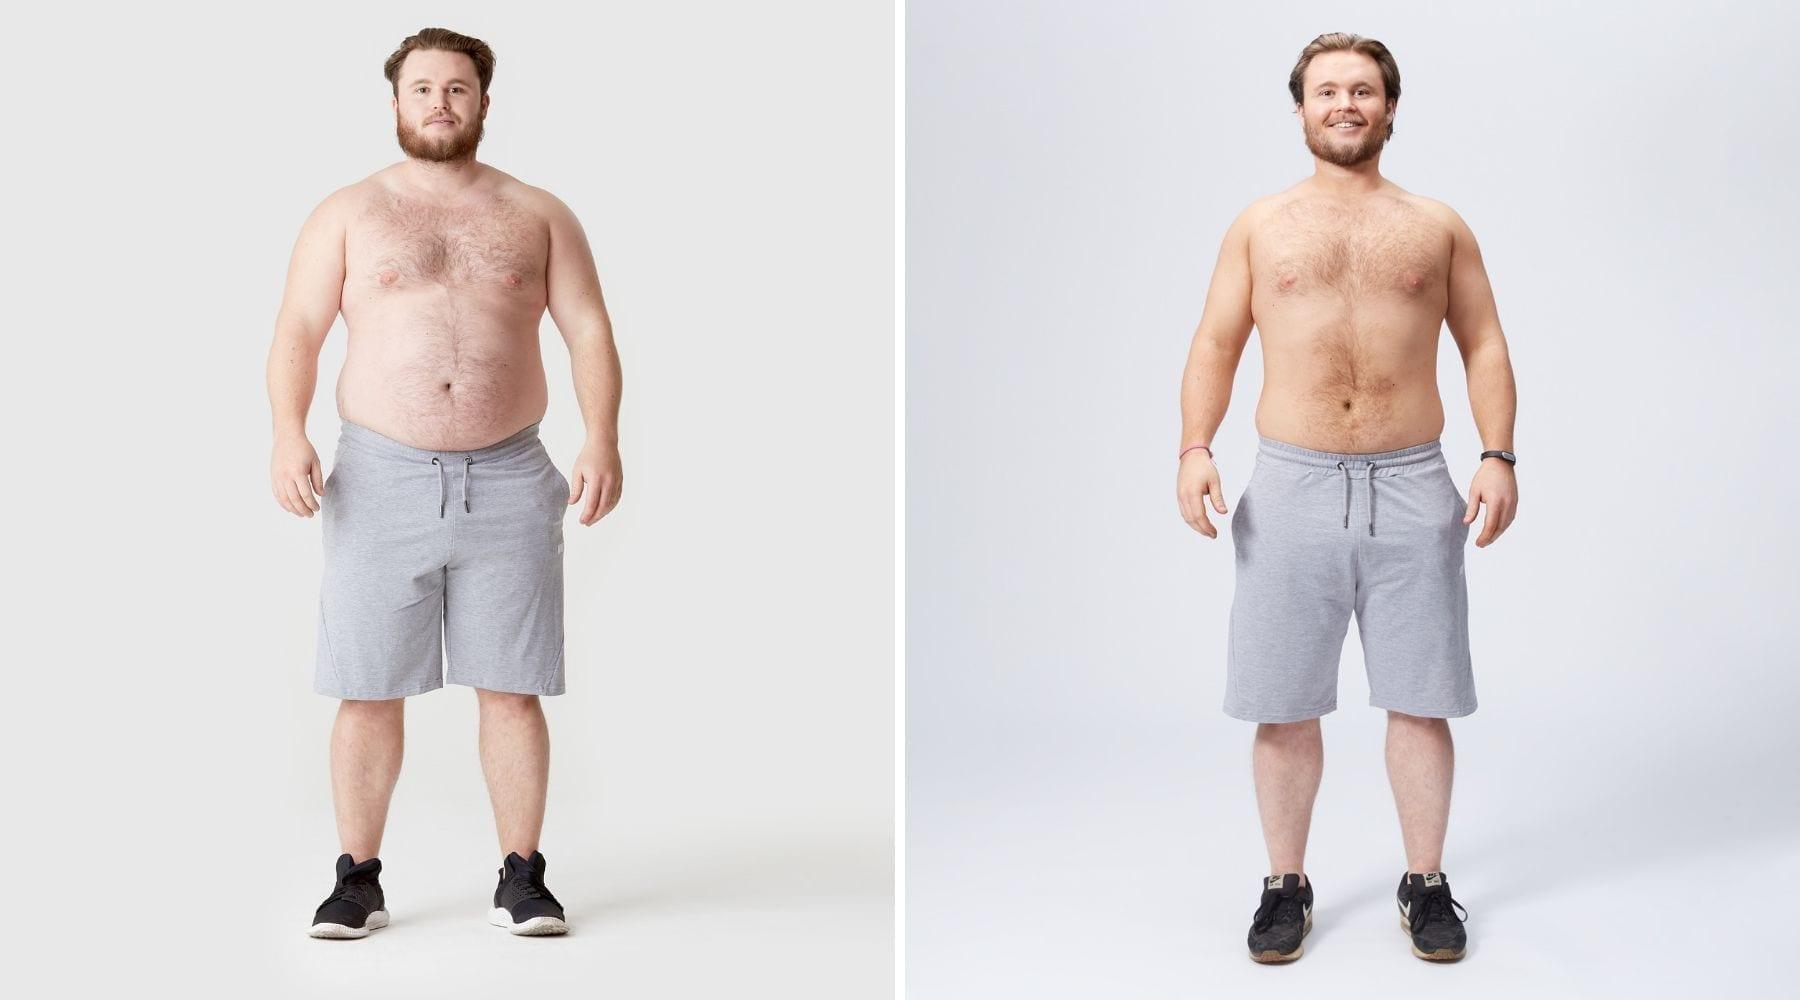 grupuri de pierdere în greutate sheffield